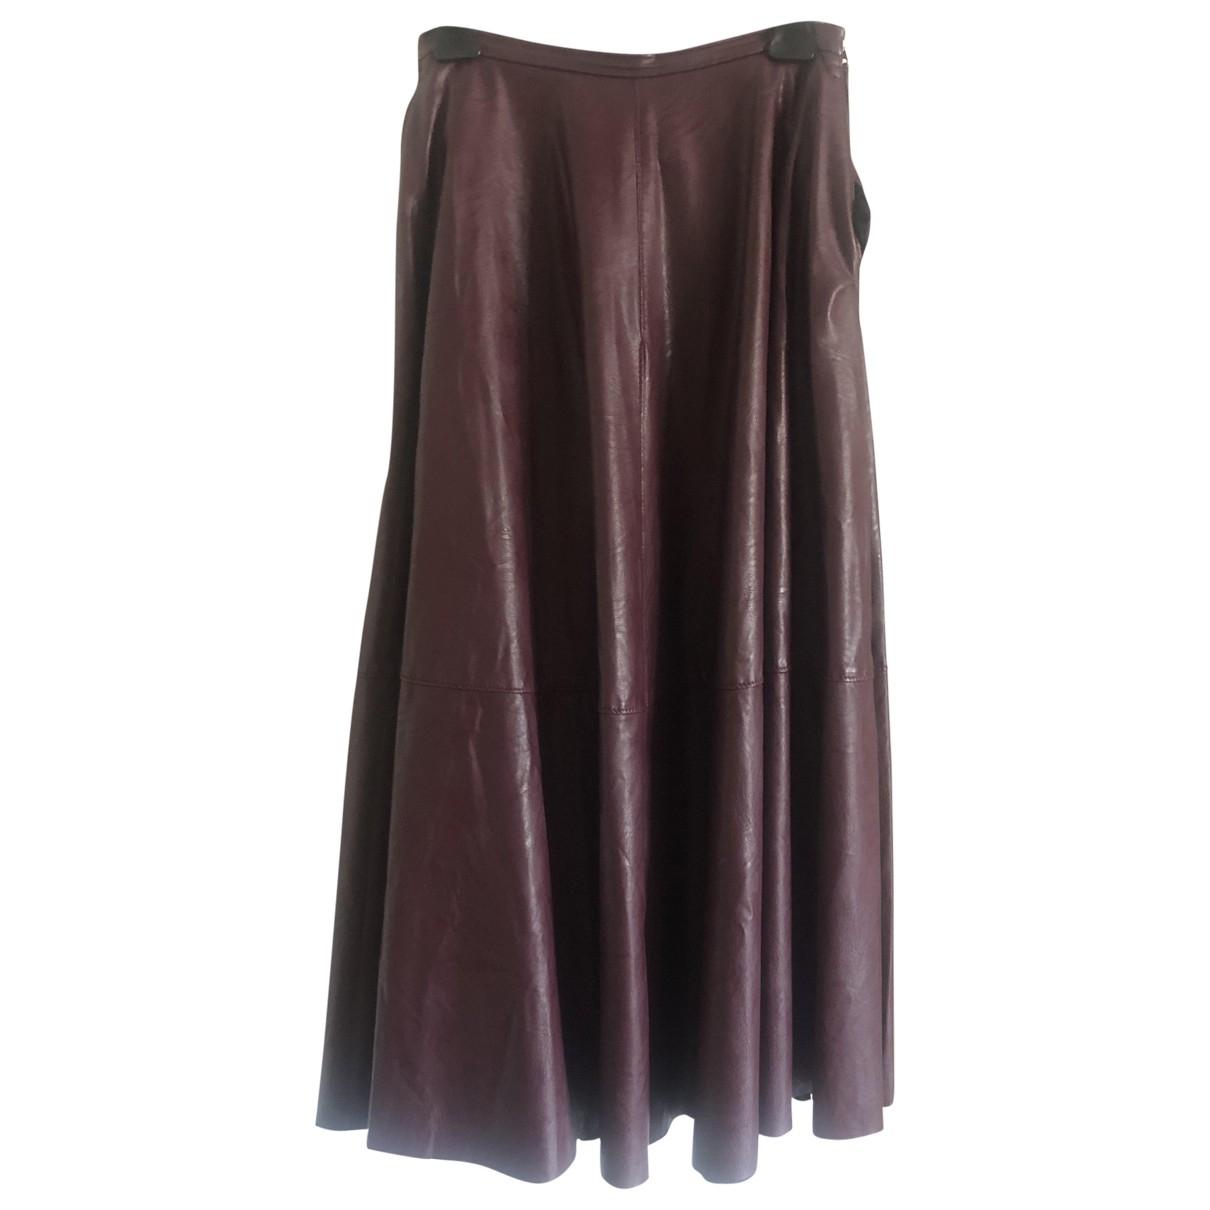 Mm6 \N Burgundy skirt for Women 40 IT